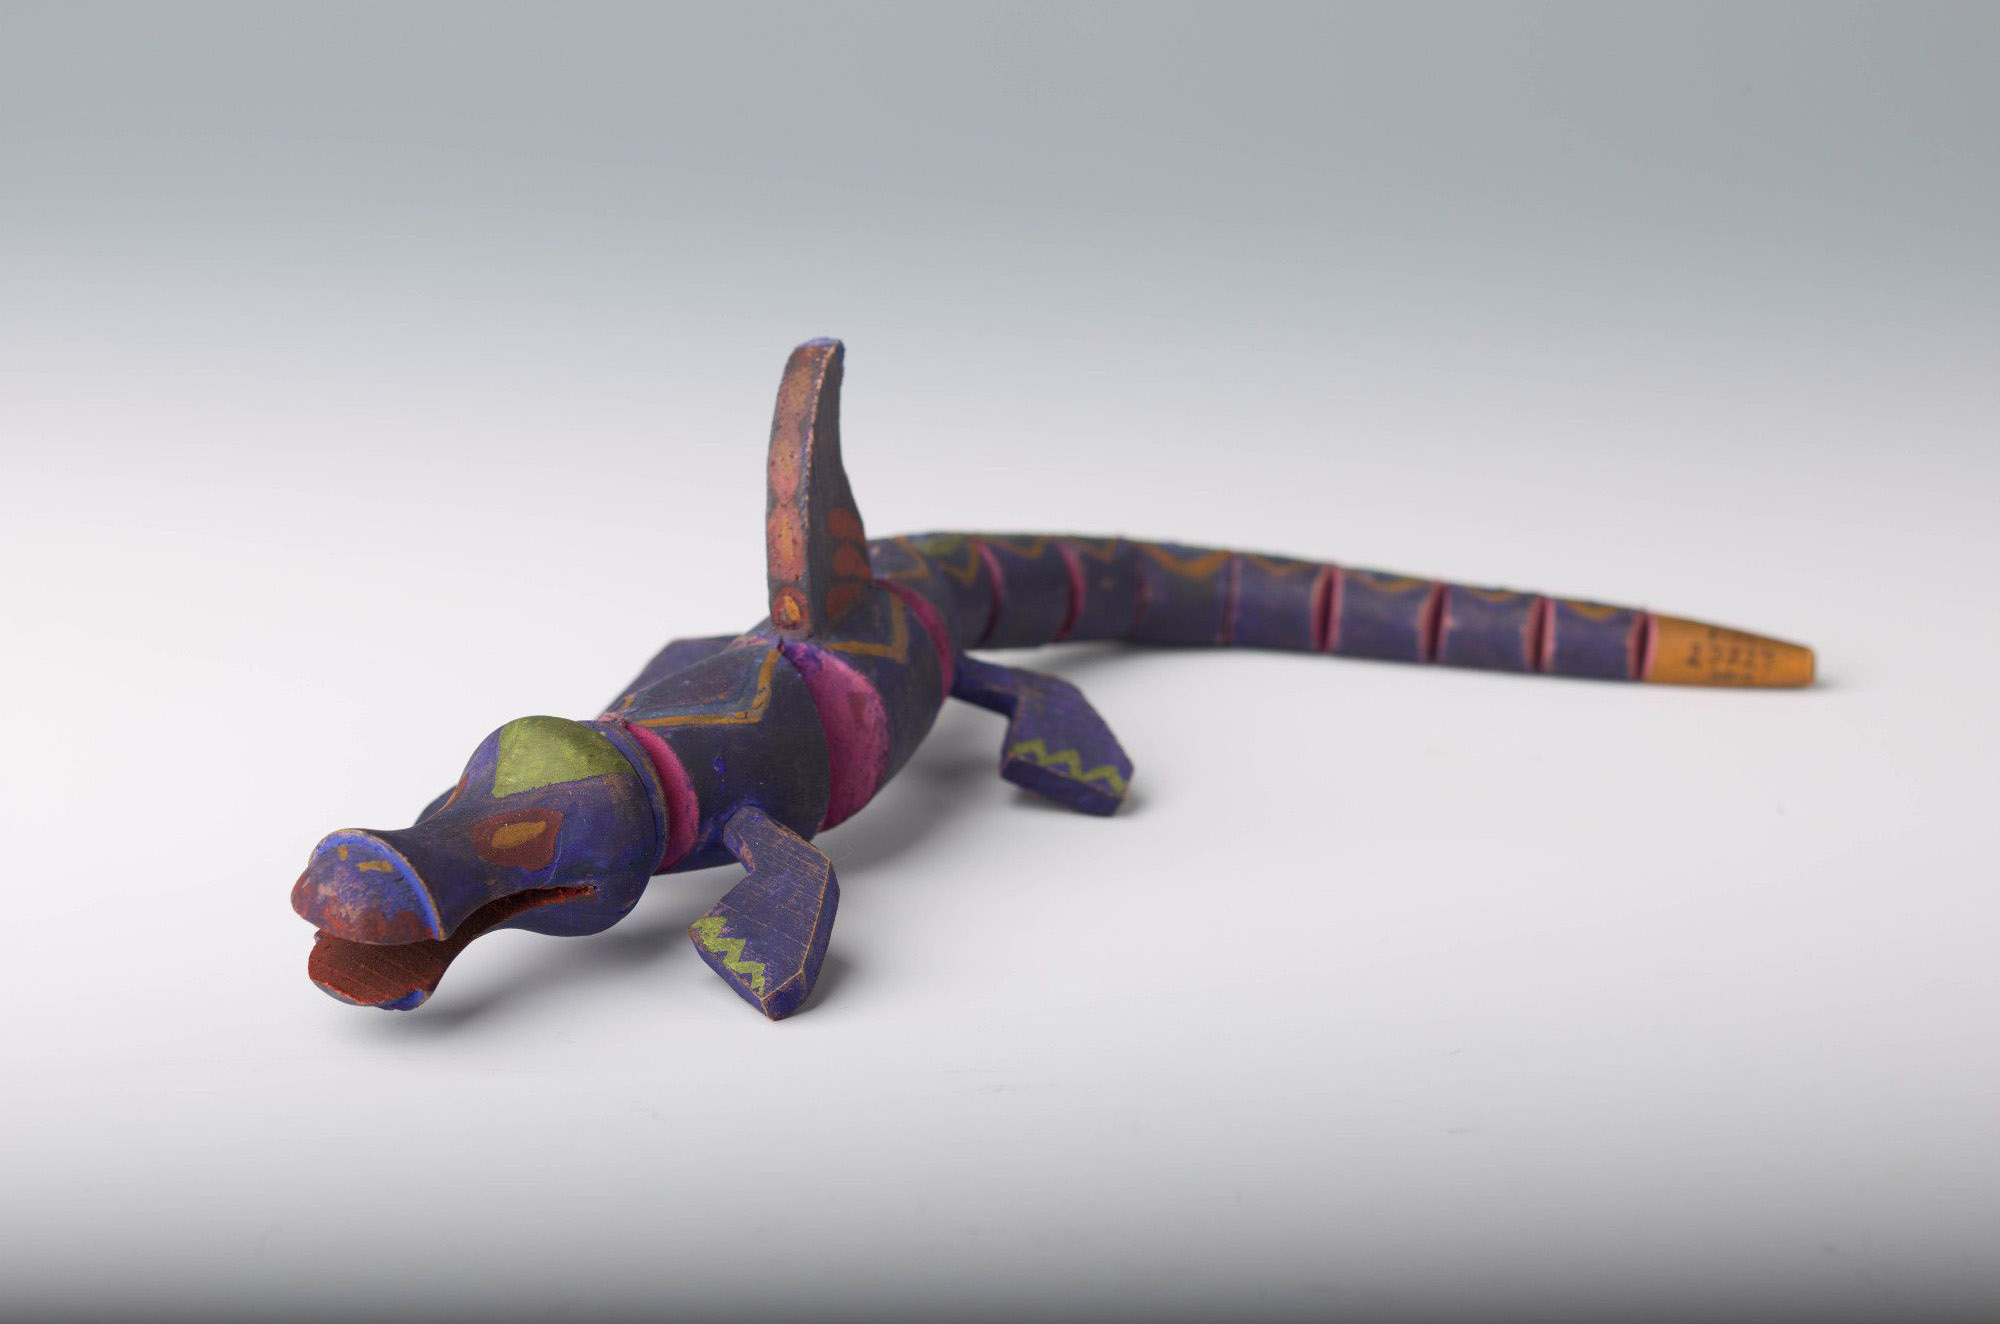 Zabawka-smok według projektu Zofii Stryjeńskiej dla Warszatów Krakowskich, źródło: Muzeum Etnograficzne w Krakowie